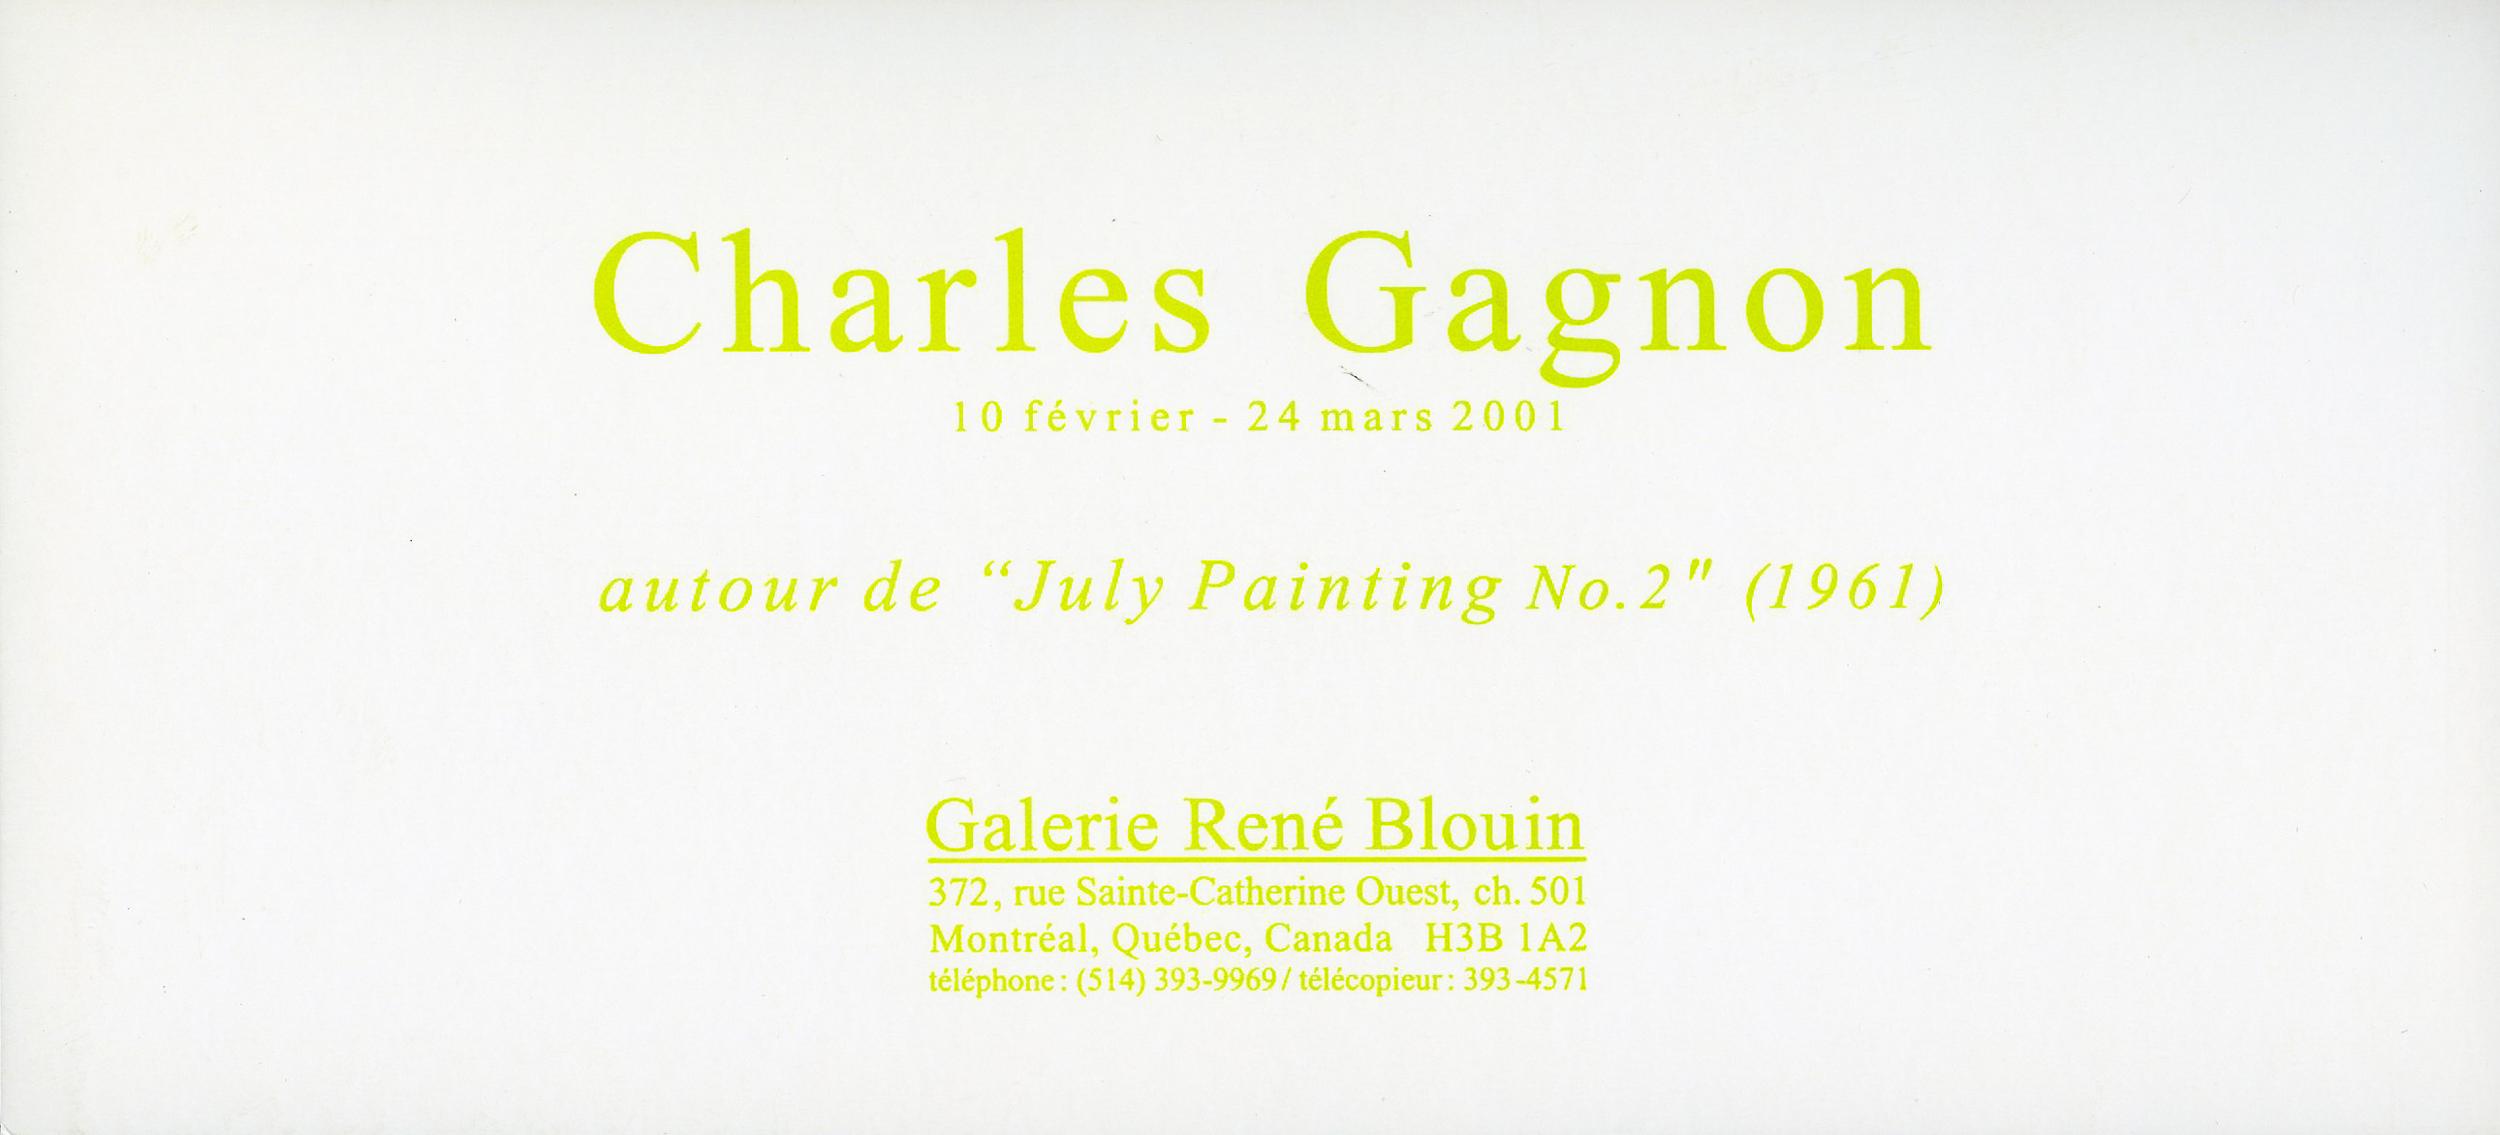 Galerie René Blouin invitation, 2001